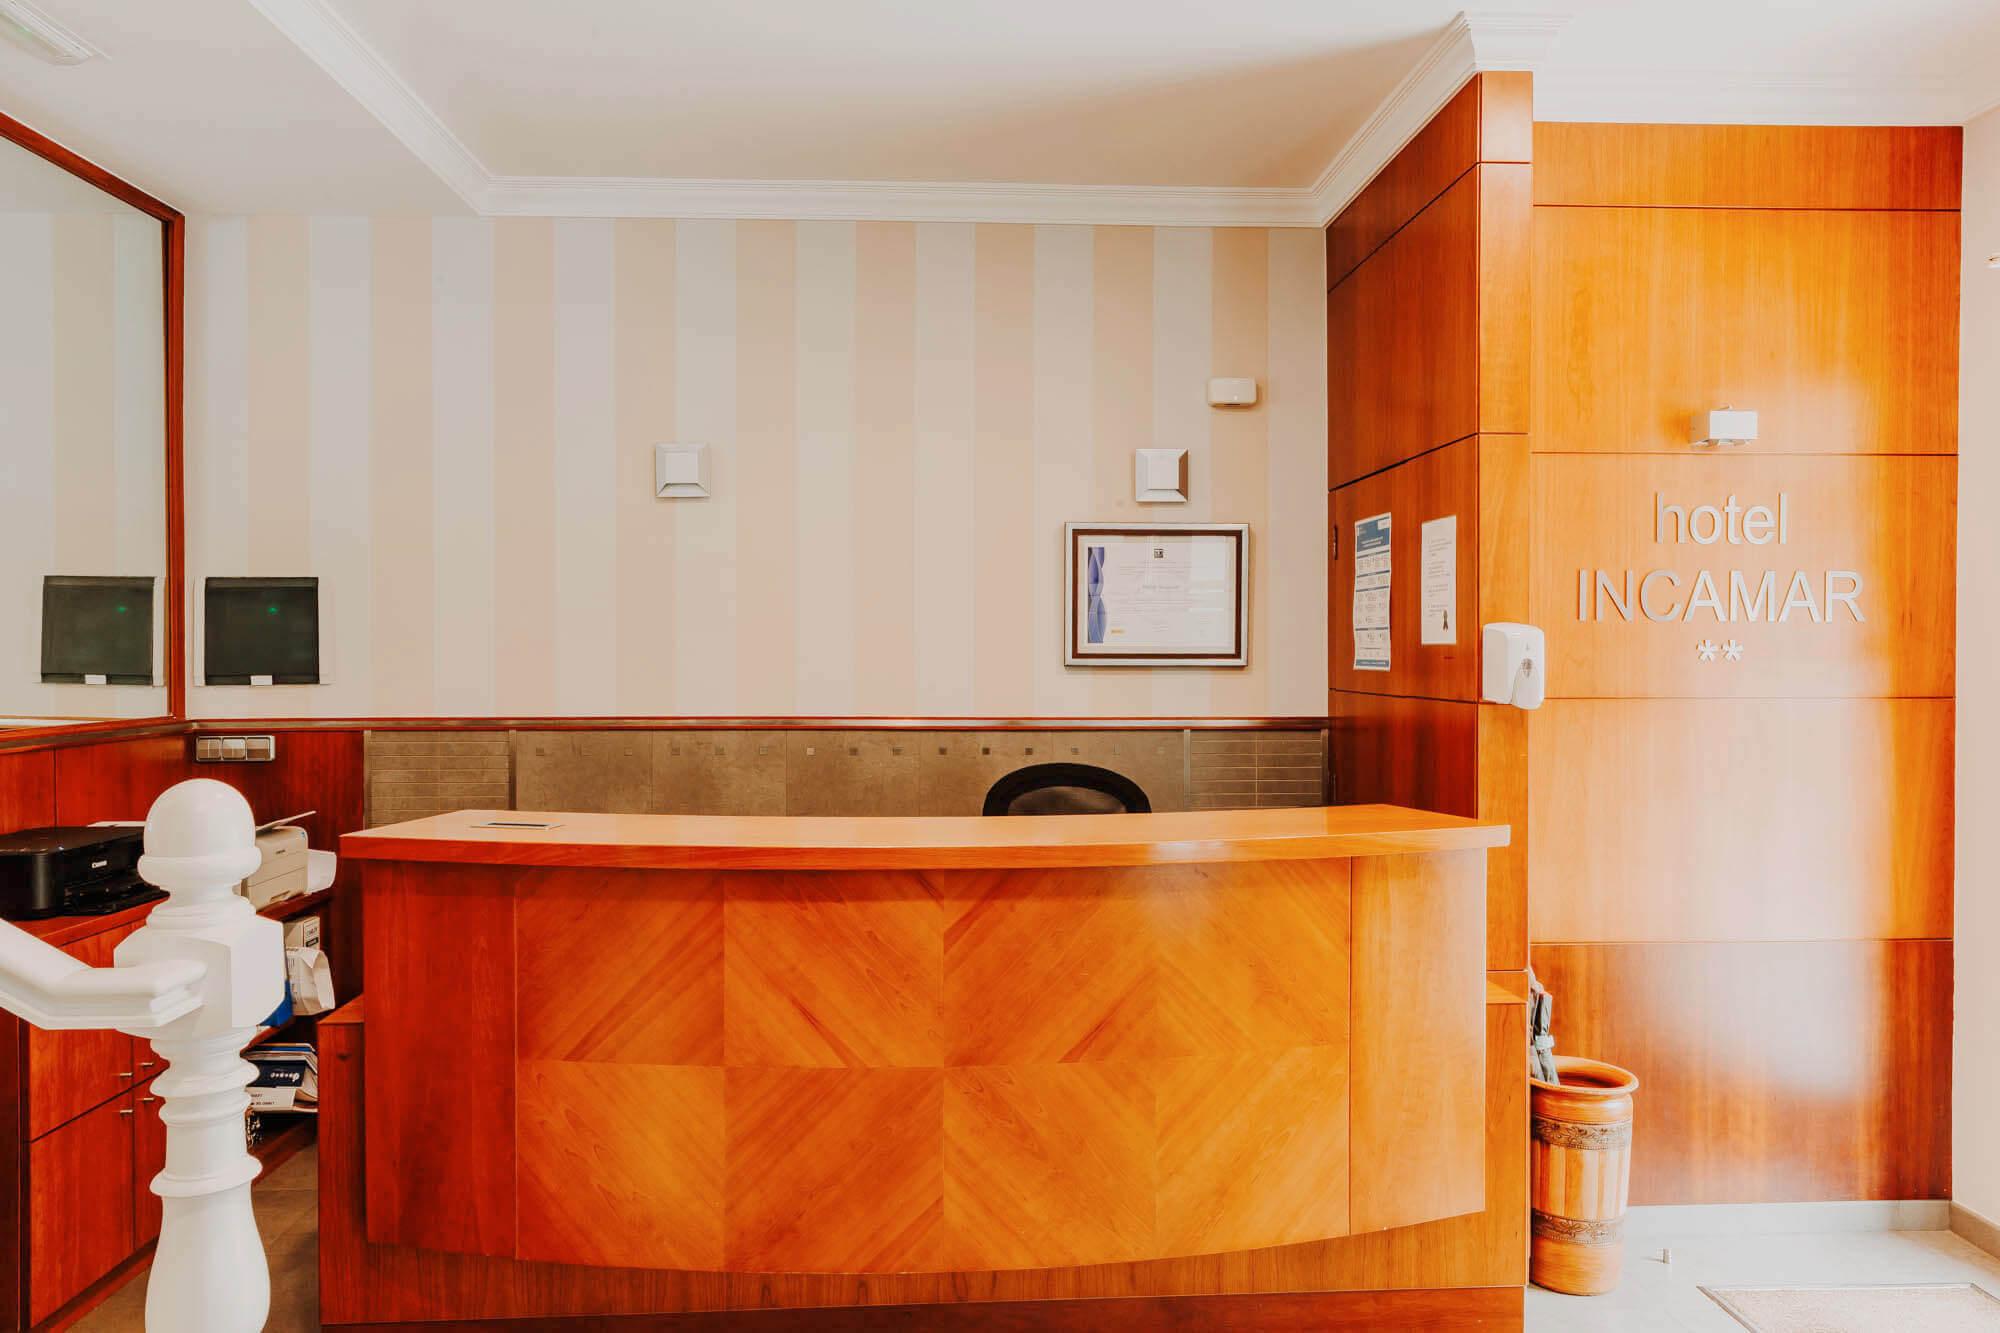 hotelincamar04